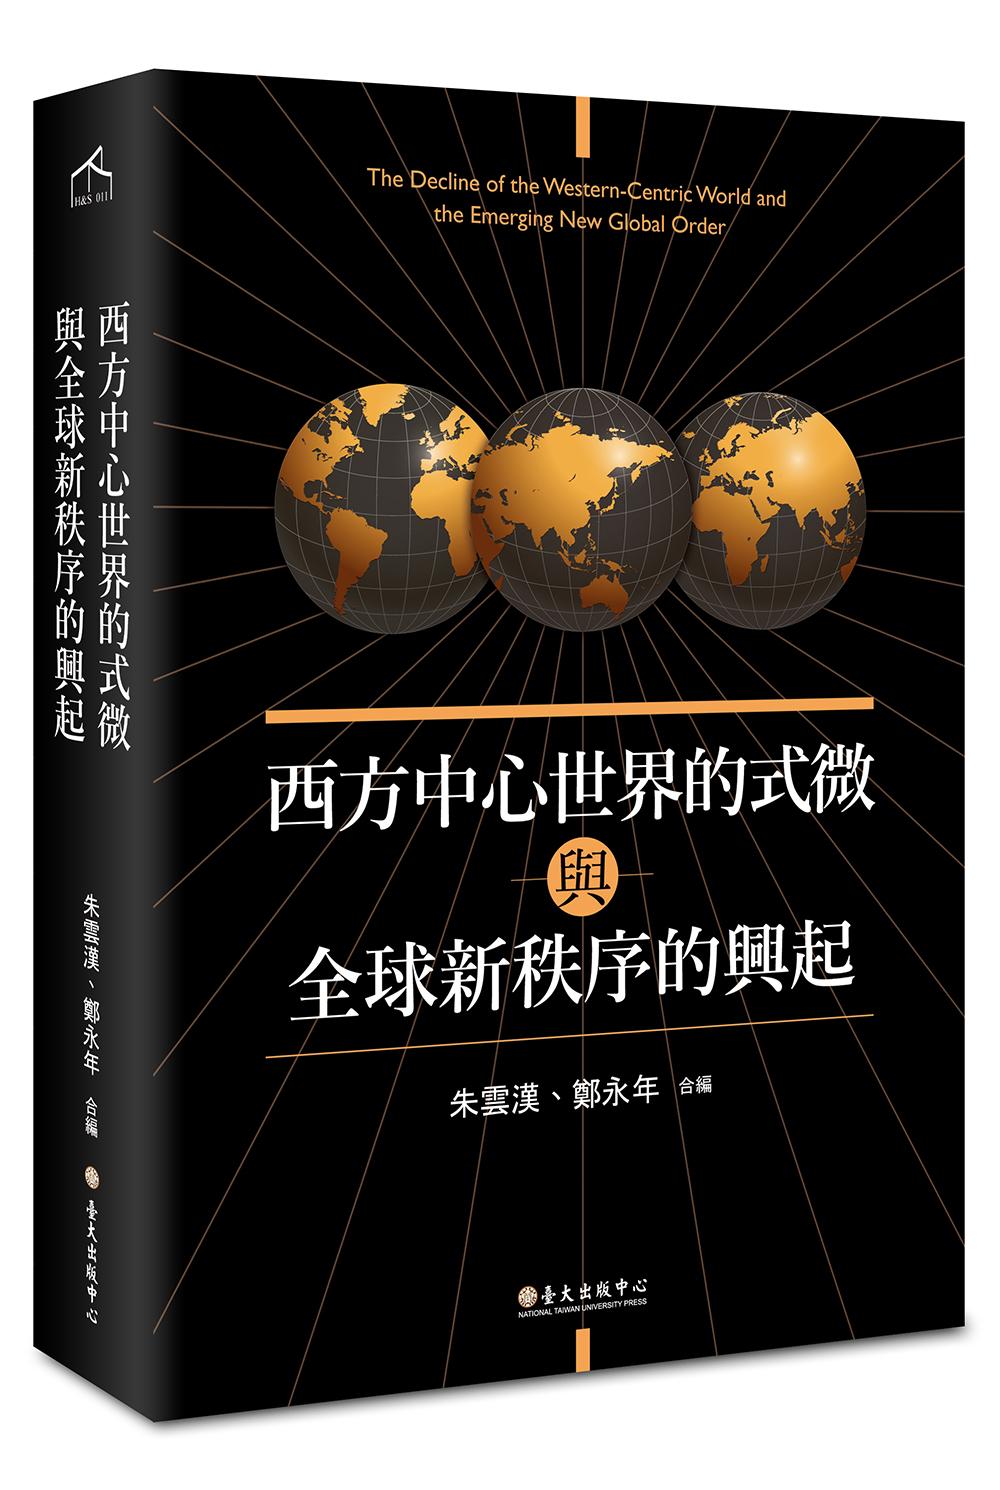 西方中心世界的式微與全球新秩序的興起